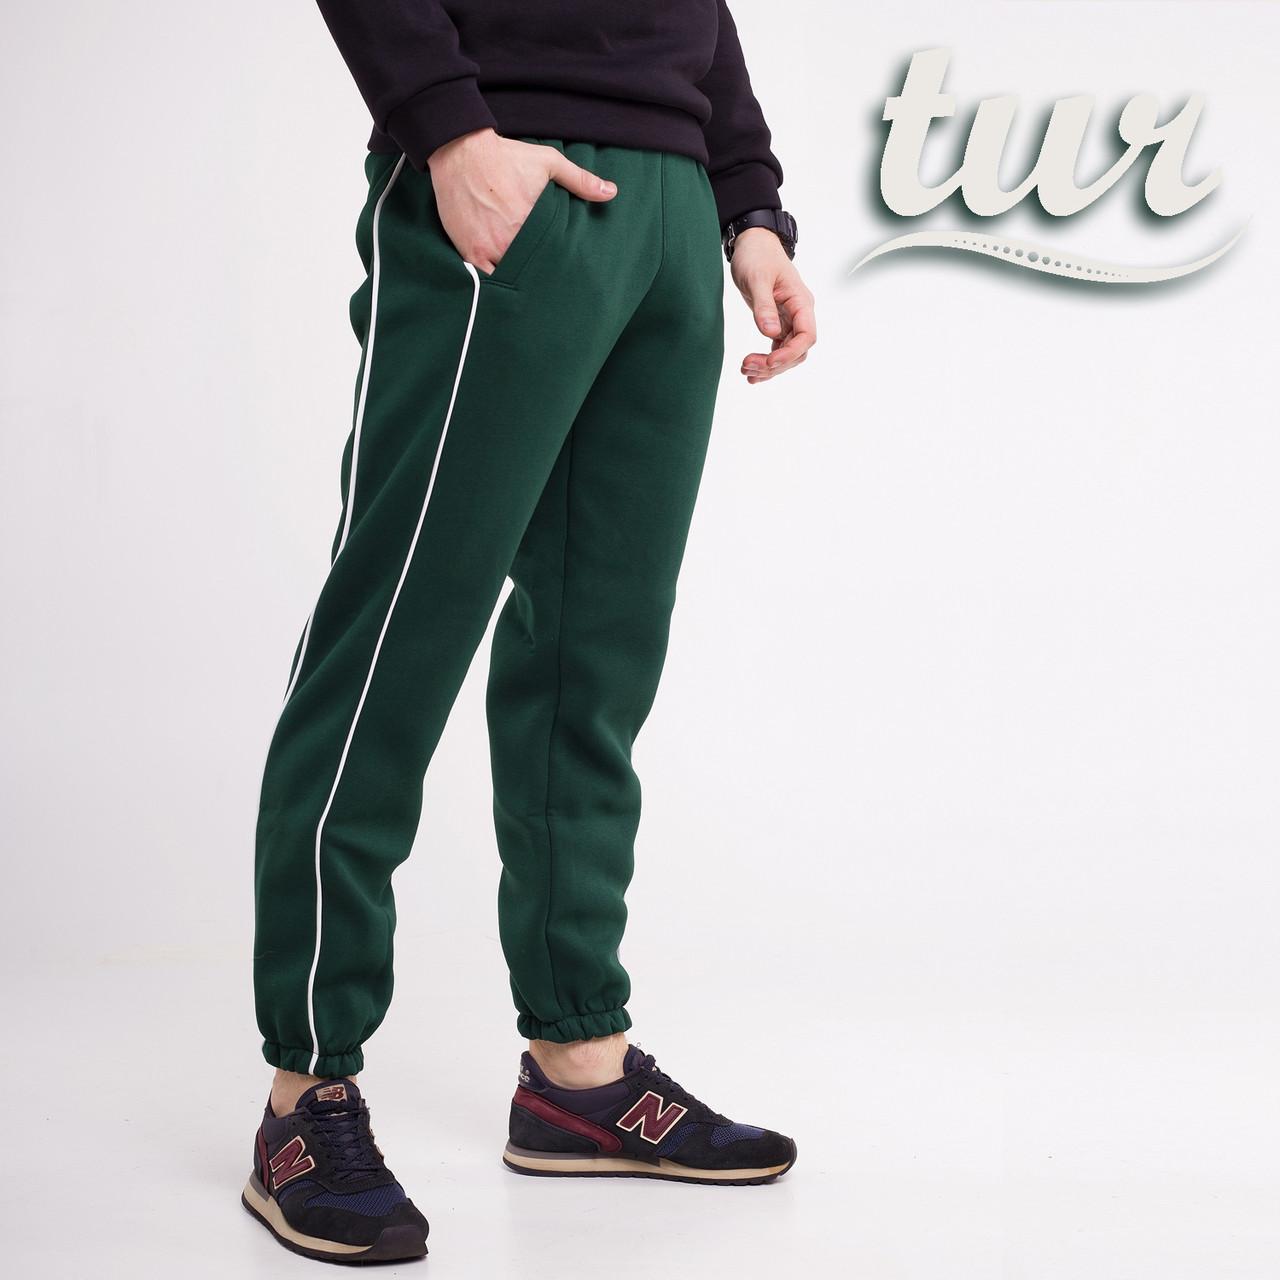 Зимние спортивные штаны мужские зеленые от бренда ТУР модель Сектор (Sector) размер XS, S, M, L, XL, XXL